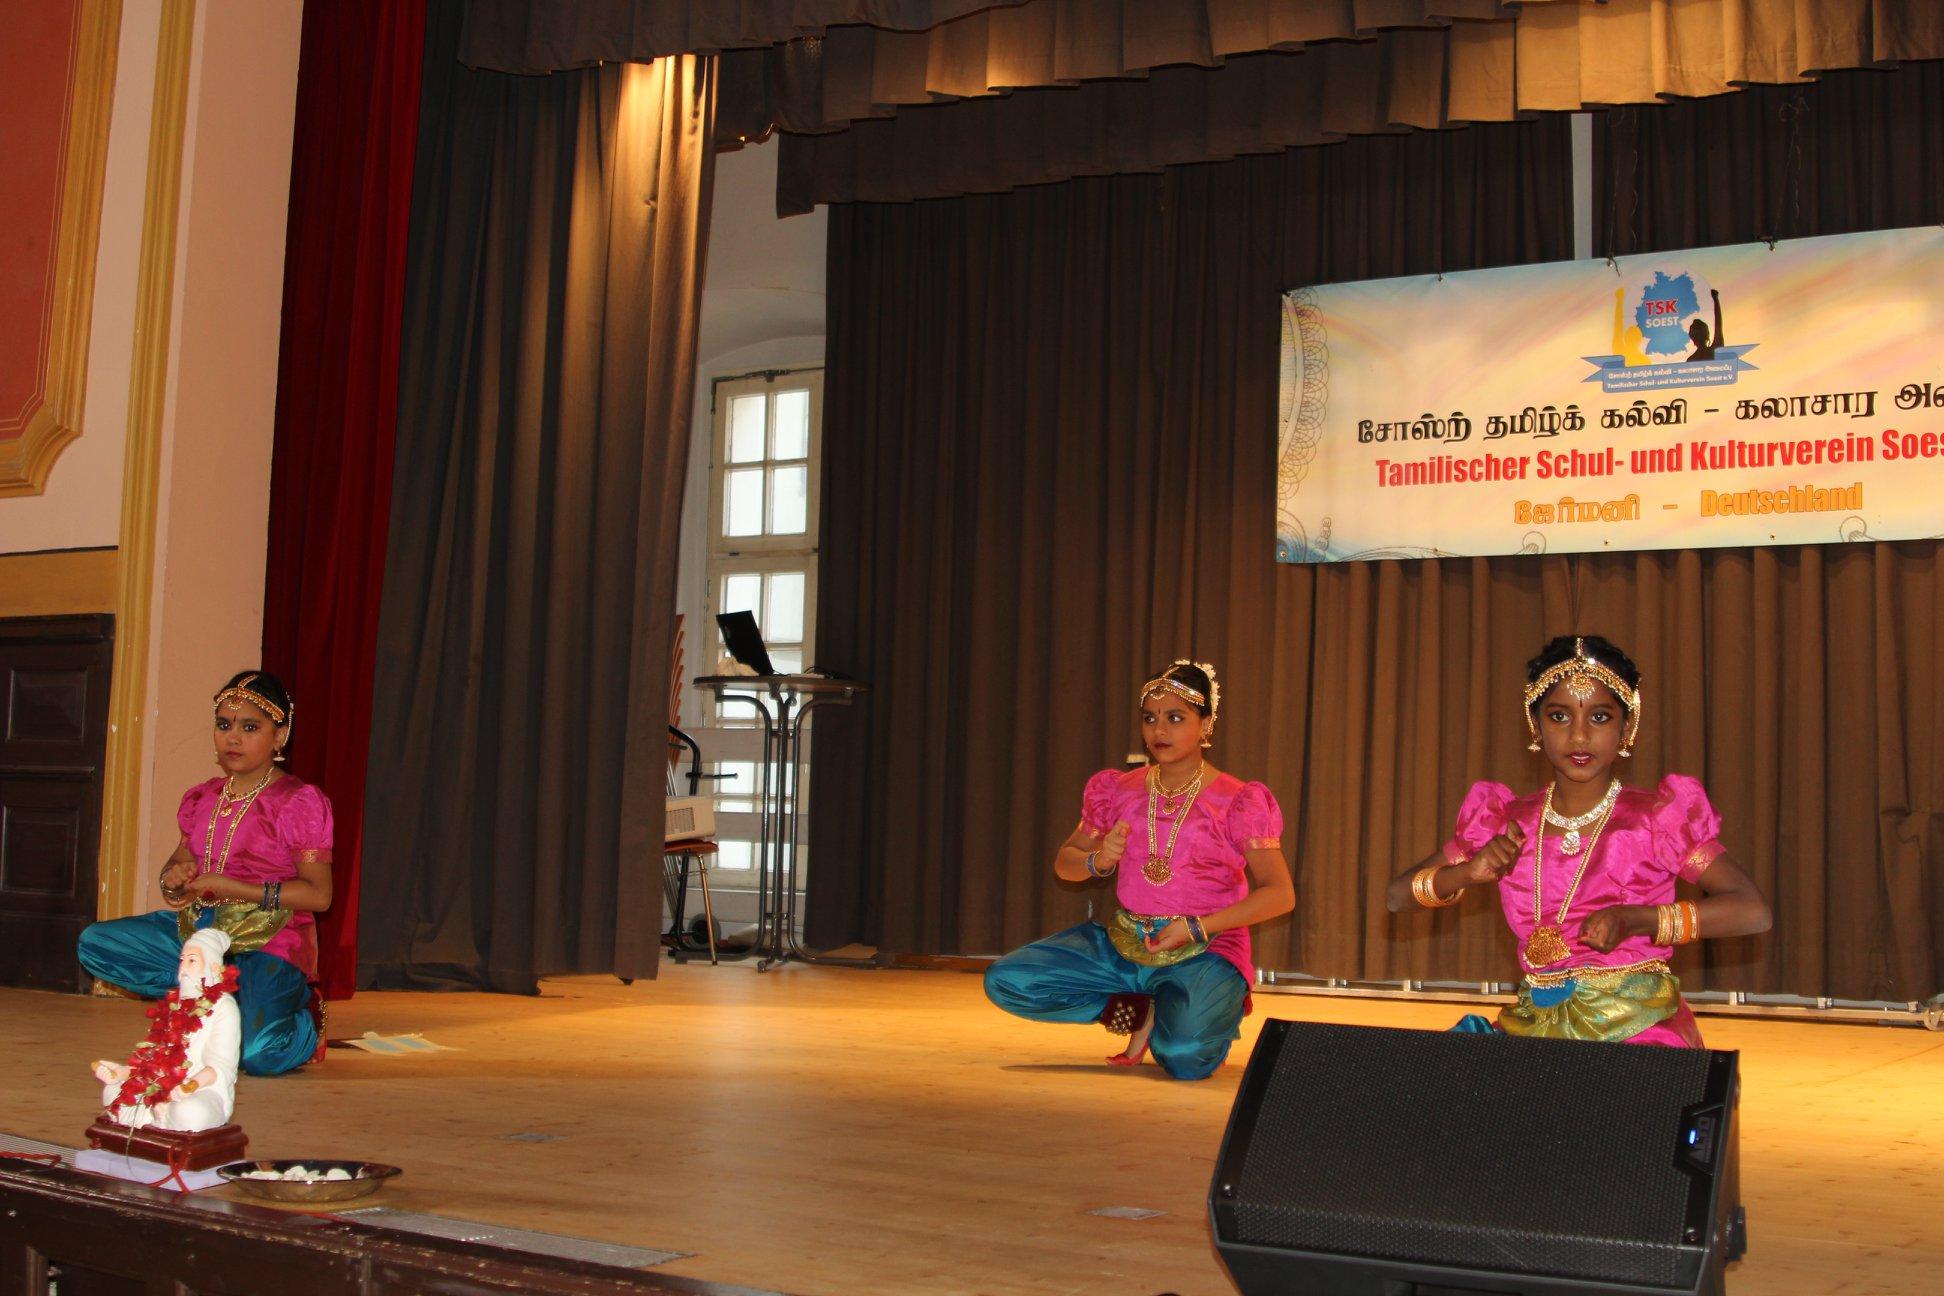 யேர்மனி சோஸ்ட் நகரில்  27 ஆண்டுகளாக இயங்கிவரும் தமிழ்க்கல்வி கலாச்சார அமைப்பு, 2019விழா